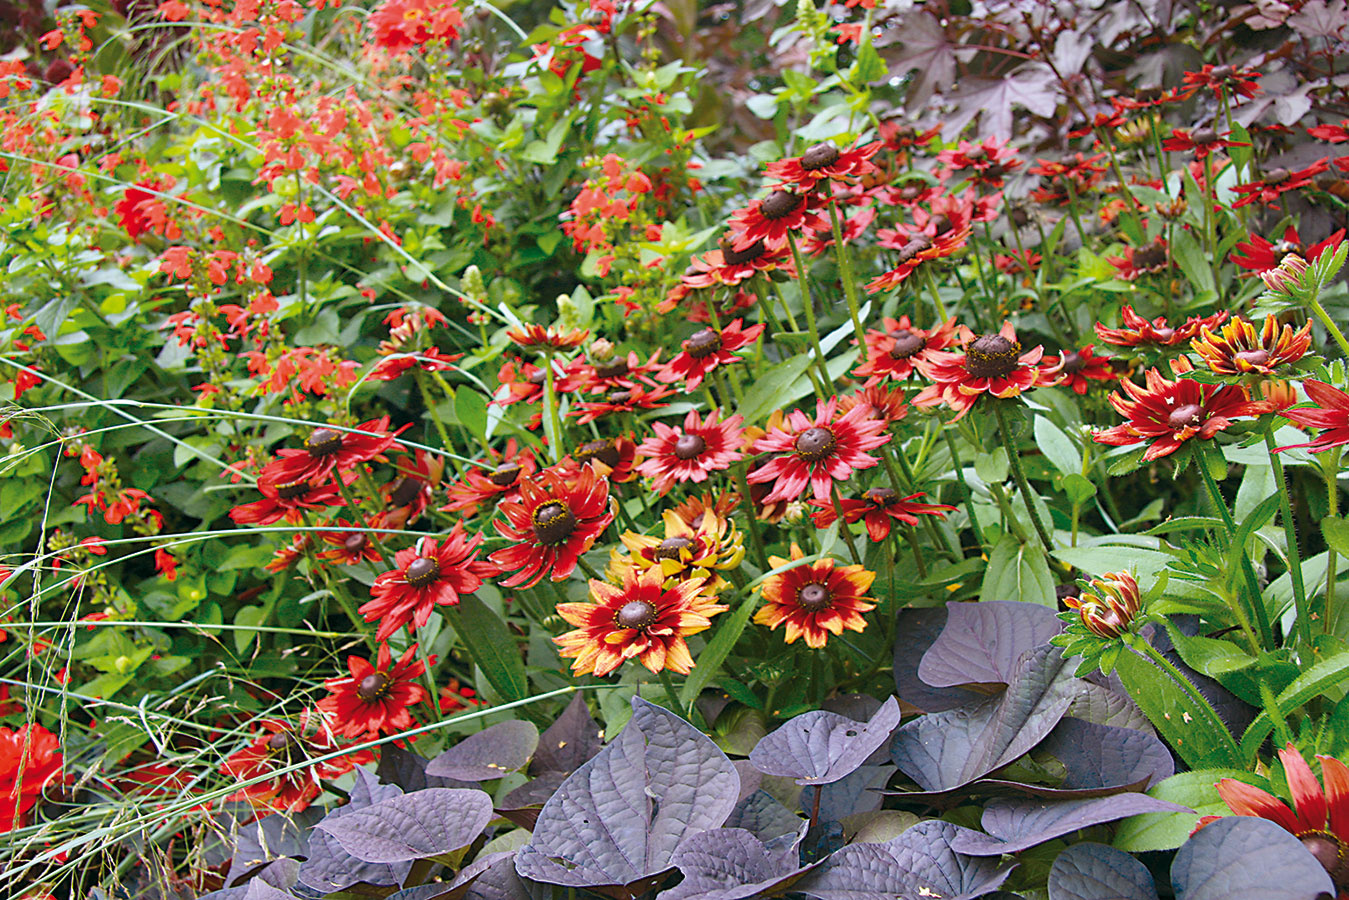 Okrem výdatného zavlažovania, na ktoré sú tieto rastliny mimoriadne náročné, je nevyhnutné myslieť aj na ich pravidelné prihnojovanie. Vyššie letničky sú vhodné aj na rez. Netreba sa ho obávať – podporíte ním tvorbu nových kvetov. Určite sa však vyvarujte zaburinenia letničkového záhona. Burina rastlinám odoberá vlahu aj živiny, čo sa viditeľne prejavuje ich chradnutím. Pravidelne im odstraňujte suché ažltnúce listy aprínosné je aj kyprenie pôdy vich okolí. Na rozdiel od trvalkových záhonov nie je dobré tie letničkové mulčovať. Ak chcete takúto výsadbu zatraktívniť, dosaďte do záhona farebné okrasné trávy, ktorých ponuka sa neustále rozširuje.